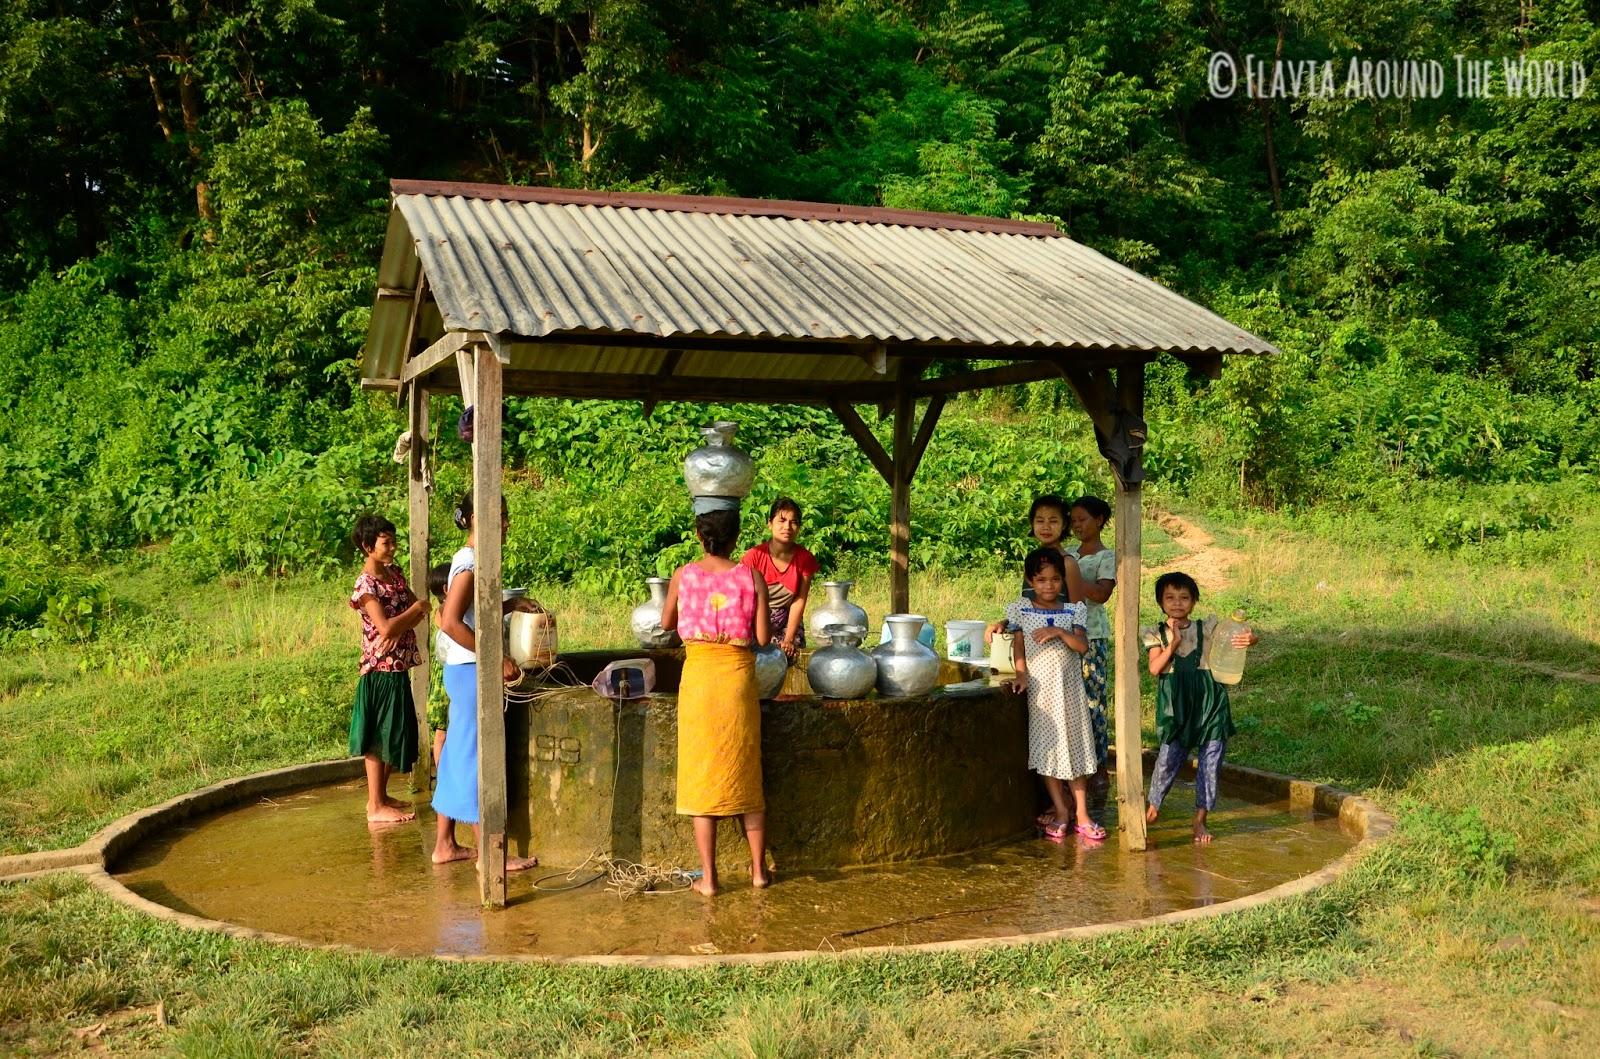 Mujeres y niñas cogiendo agua del pozo en Mrauk U